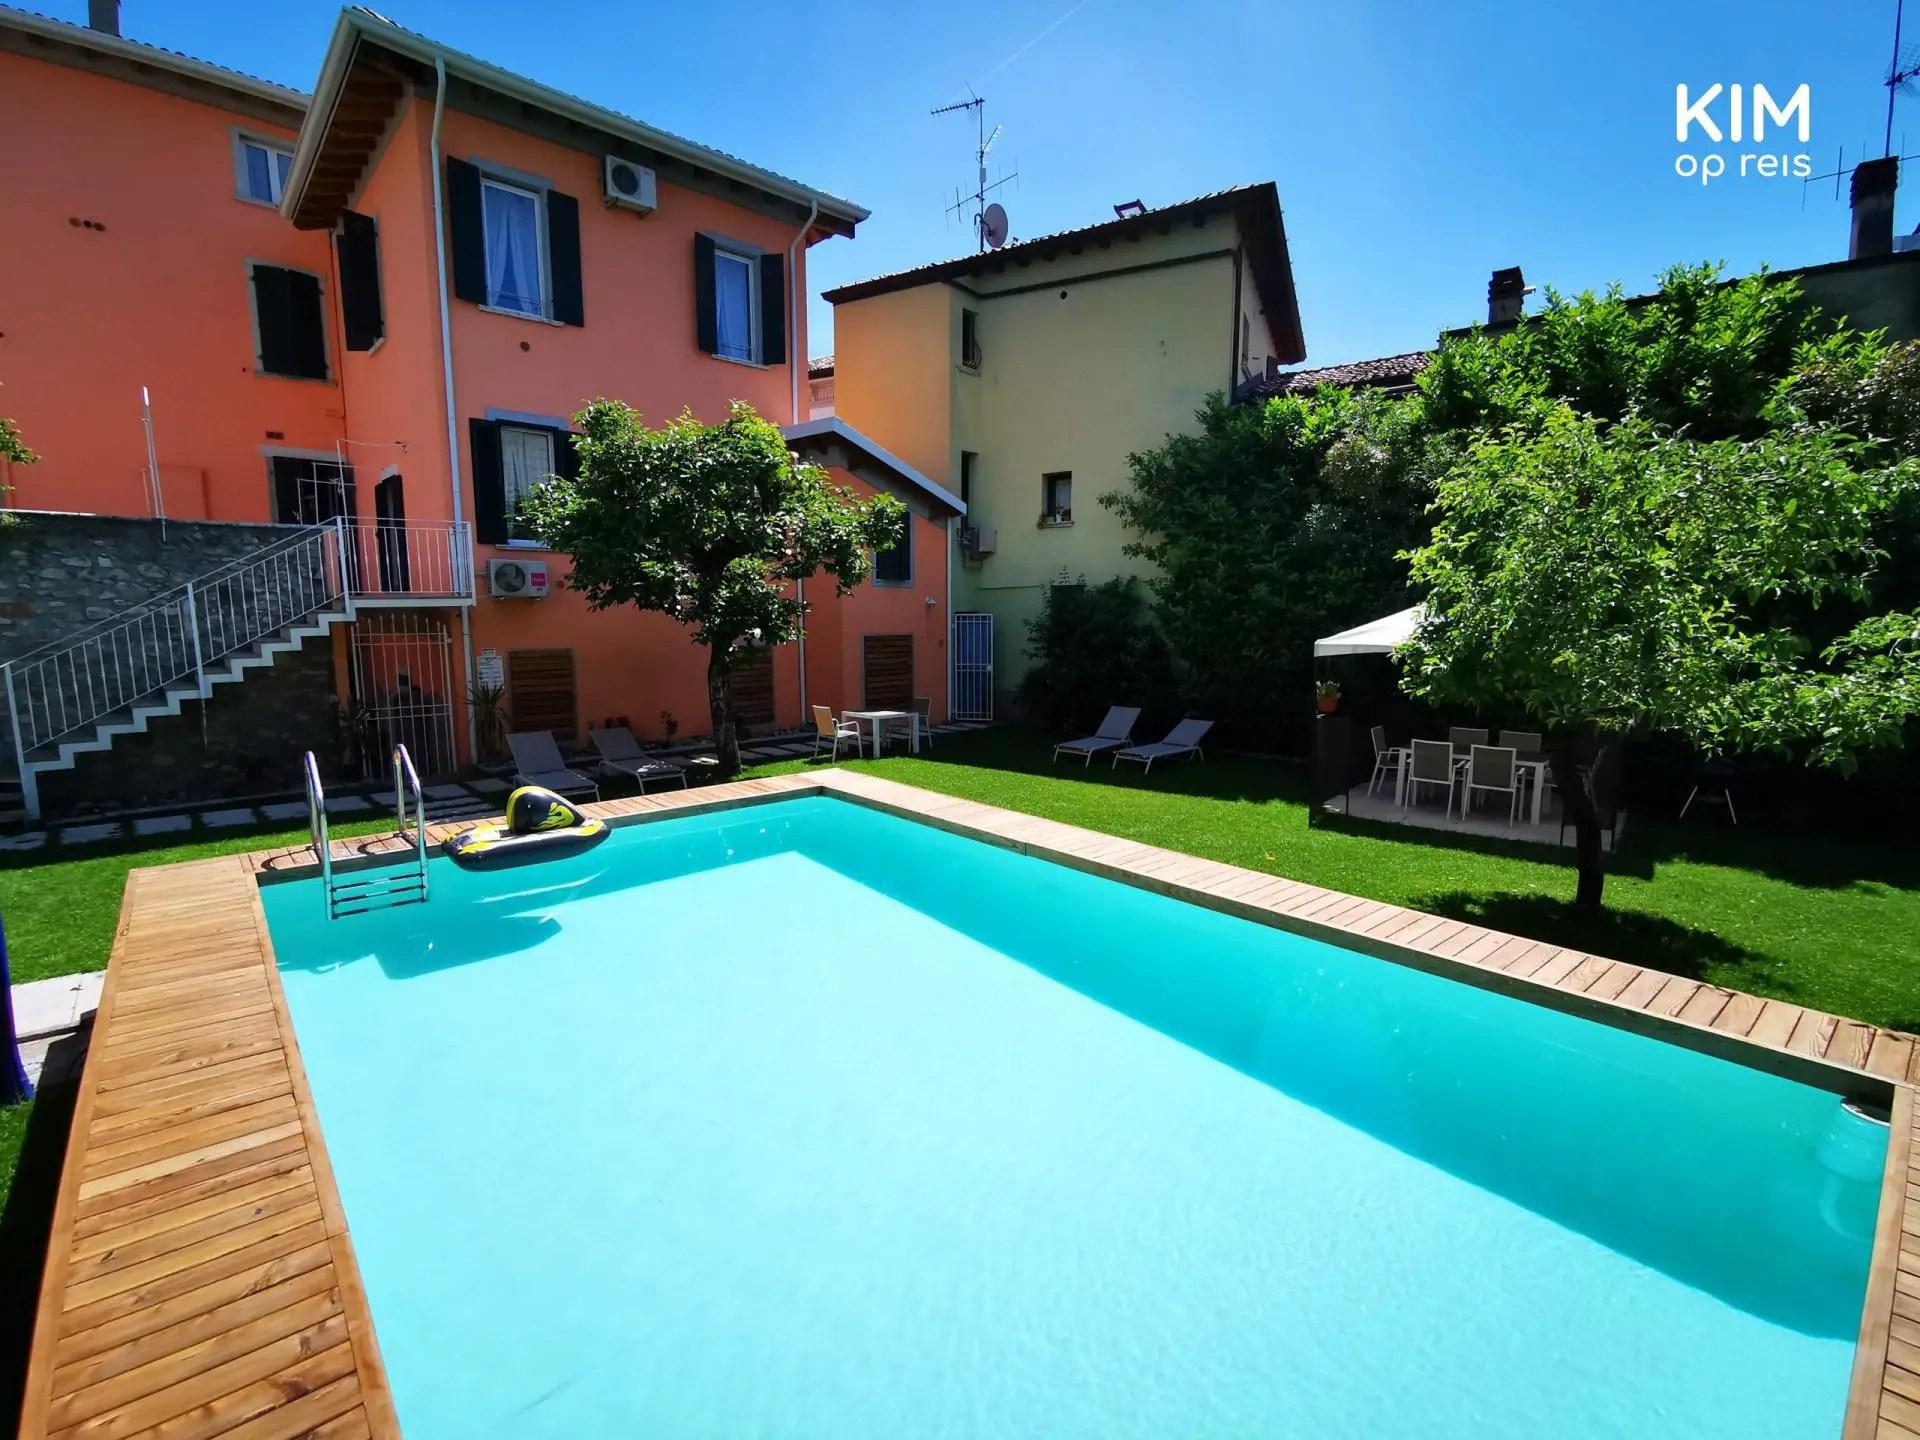 Zwembad Antiche Rive - rechthoekig zwembad met op de achtergrond het appartementencomplex